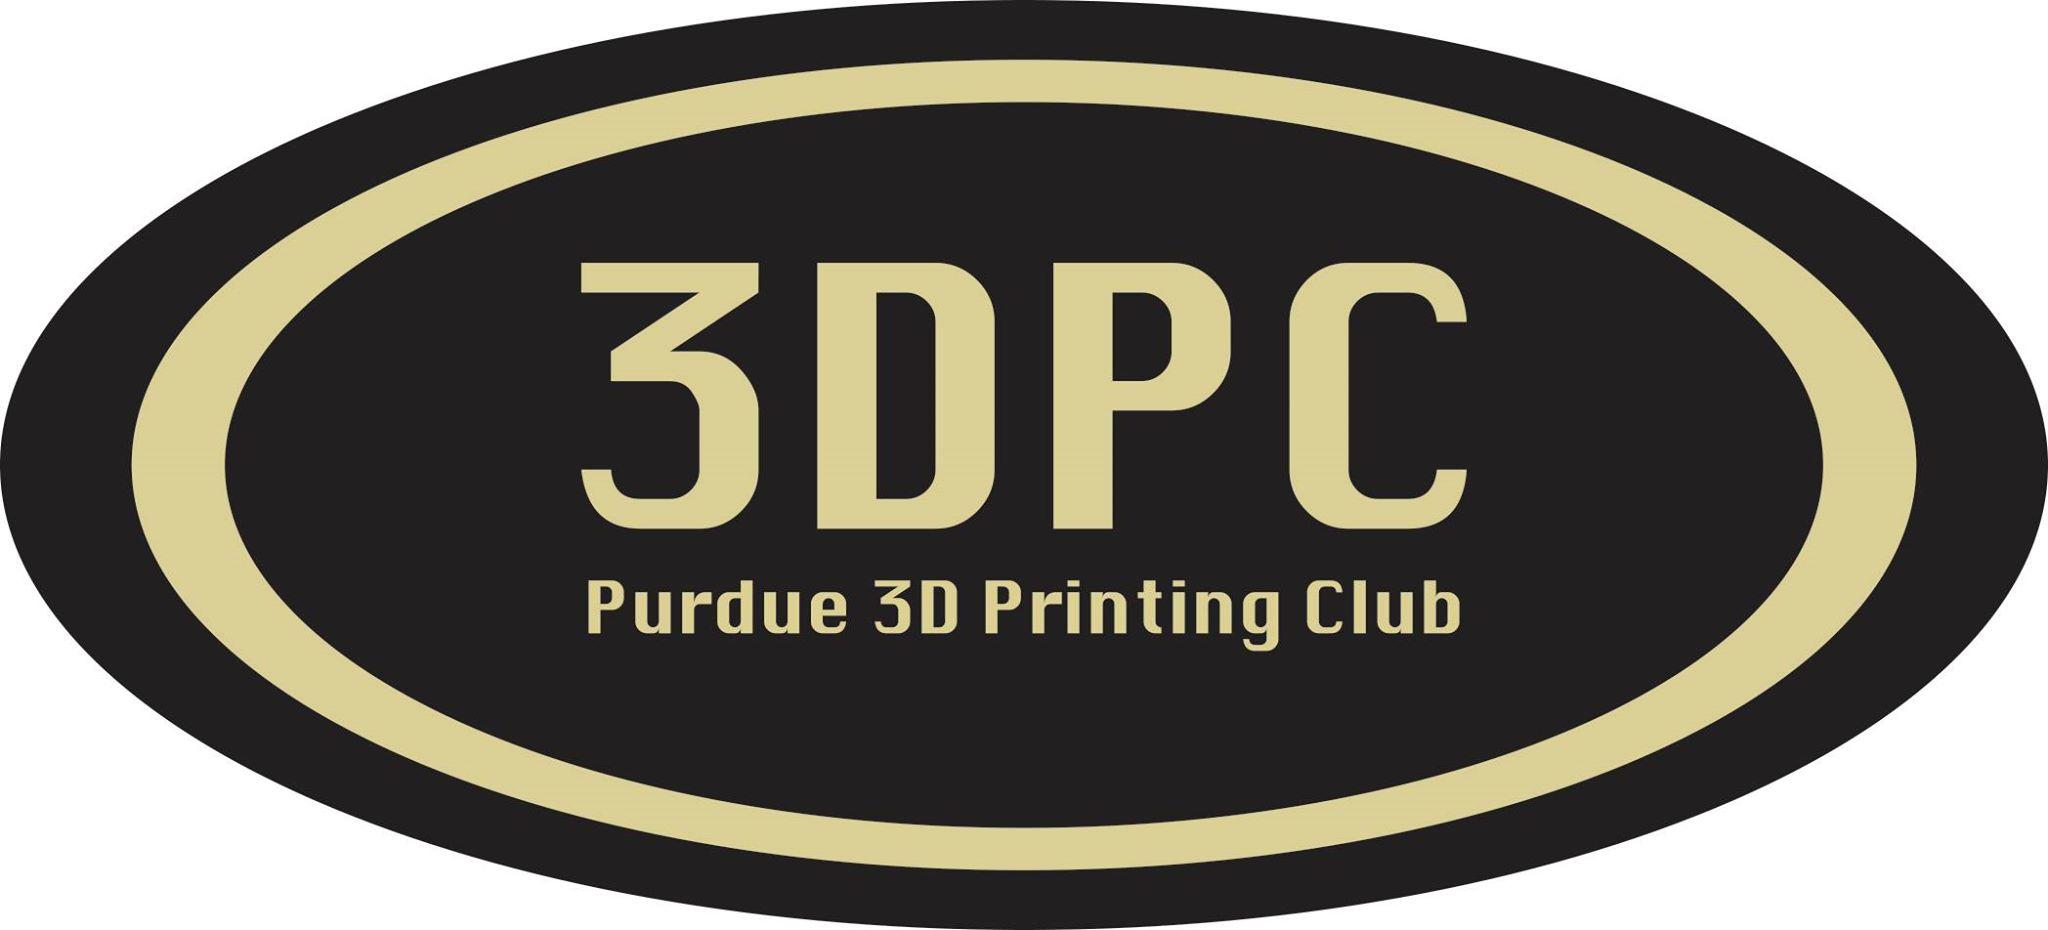 3dpc.jpg